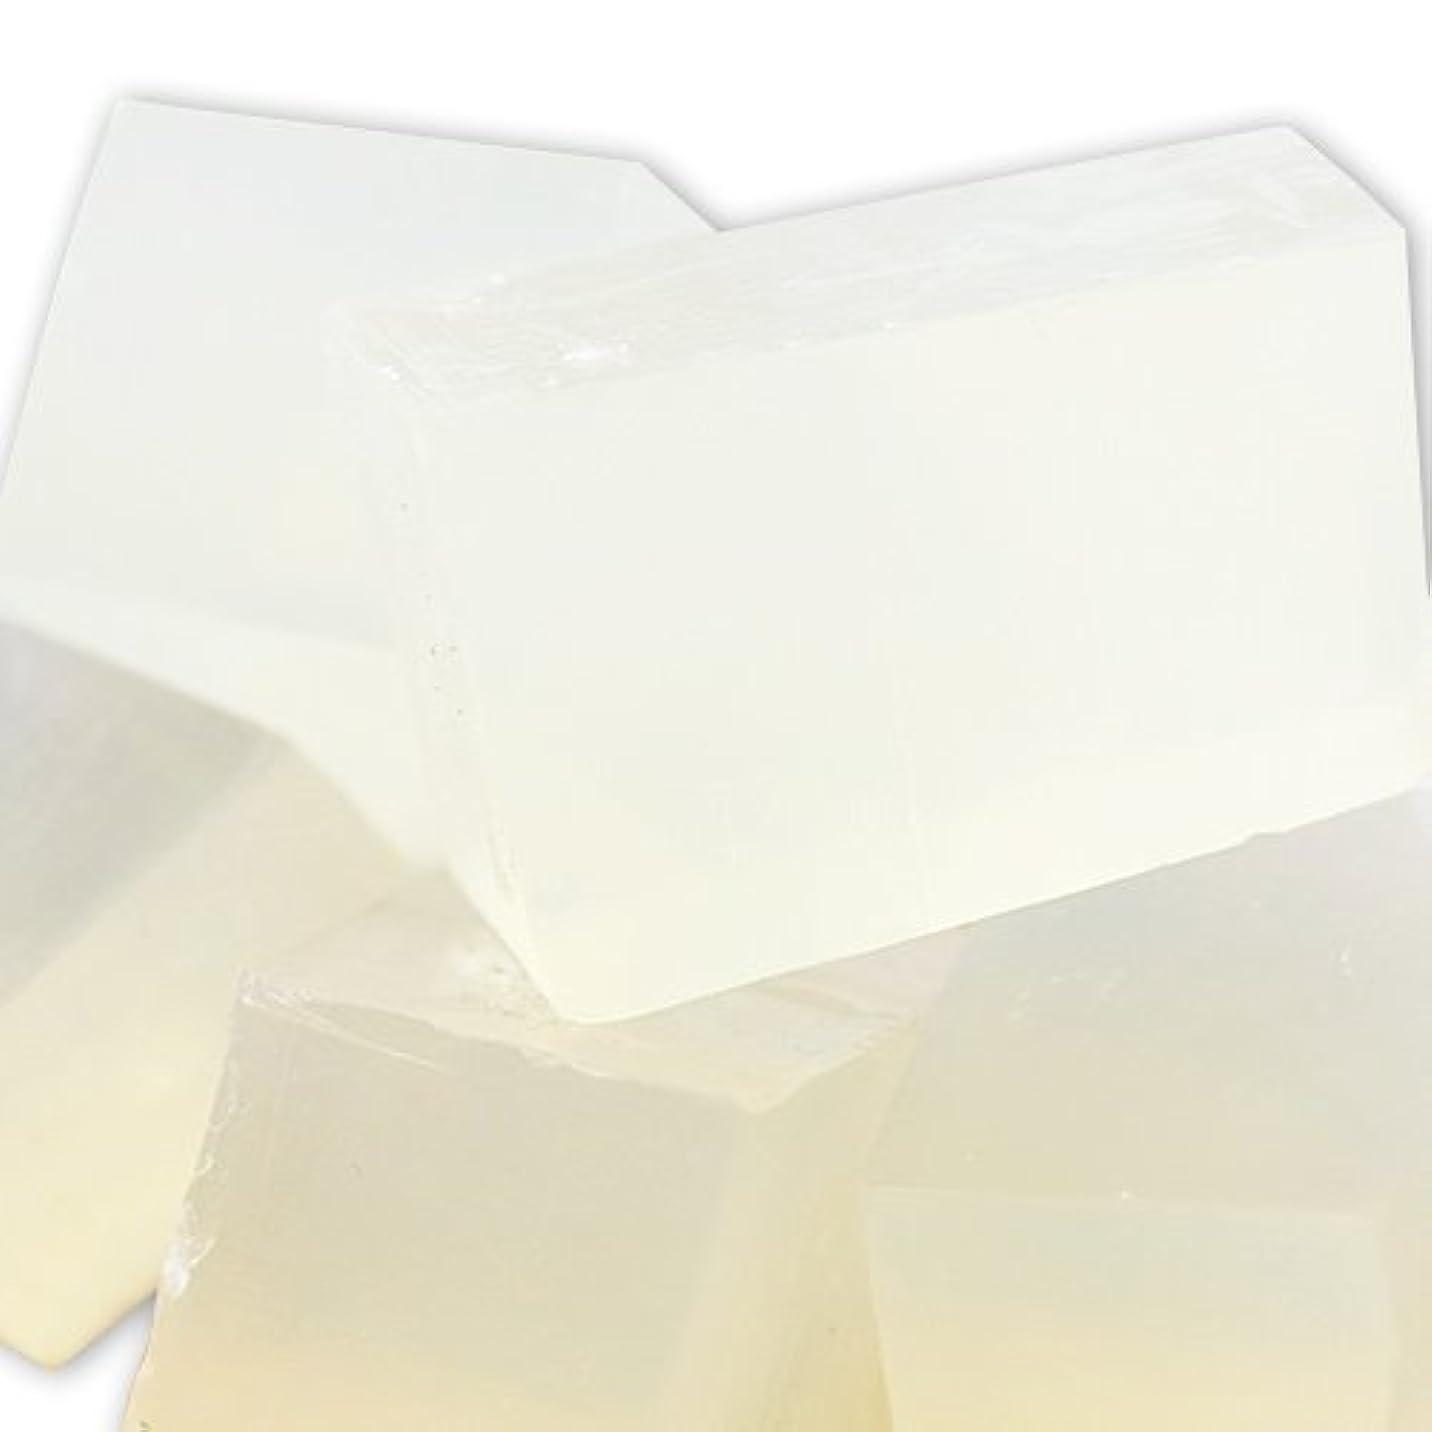 ブラザー苛性折り目MPソープ [グリセリンソープ] クリア SLSフリー 1kg 【手作り石鹸/ハンドメイドソープ】